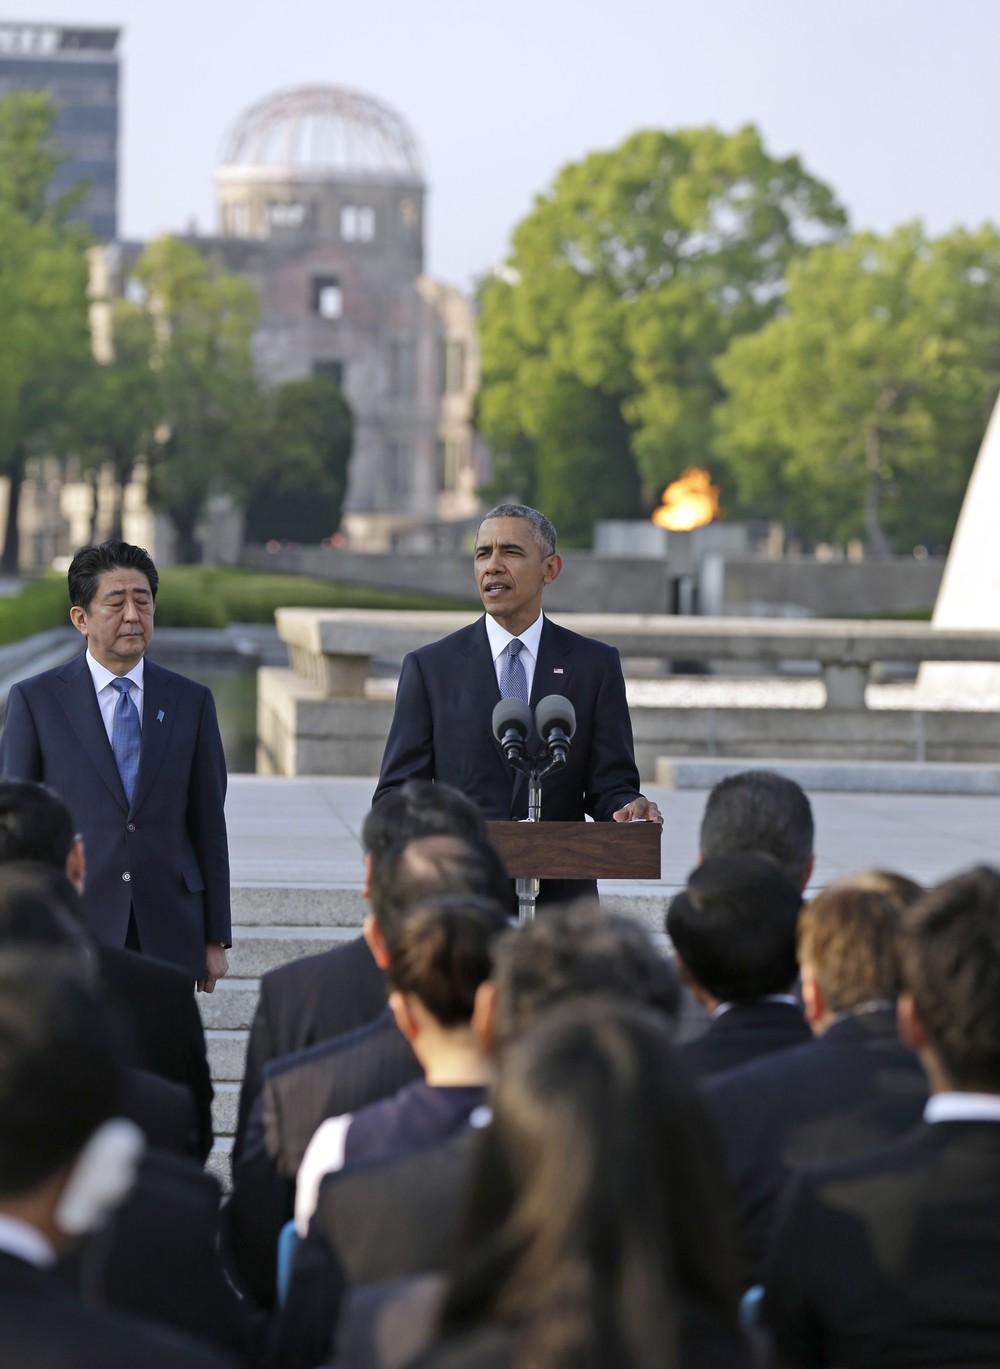 大統領 た 現職 訪れ として の は 初めて オバマ米大統領が現職で初めて広島訪問、慰霊碑に献花 核なき世界訴え